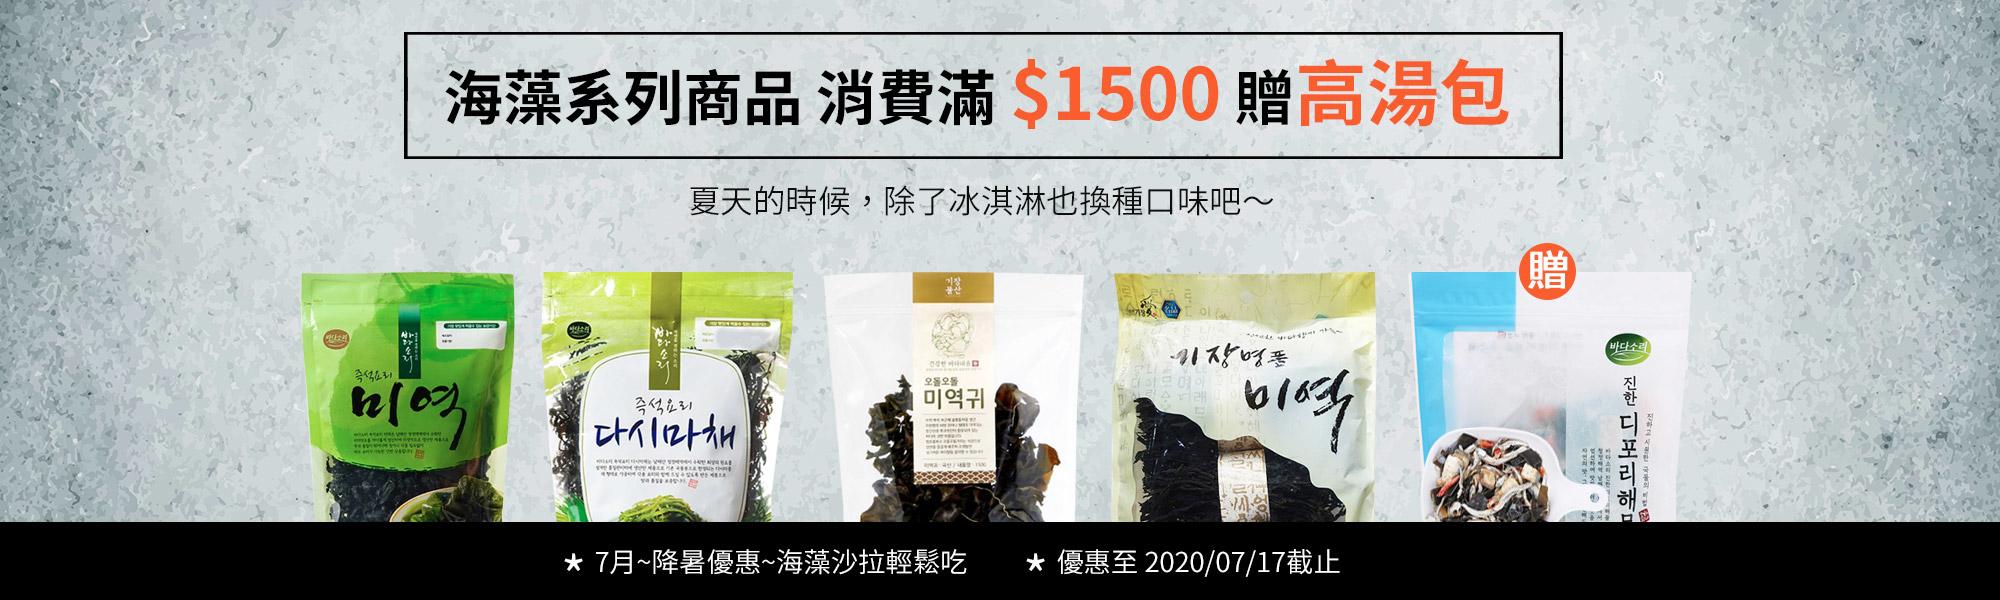 海藻系列商品 消費滿$1500 贈高湯包